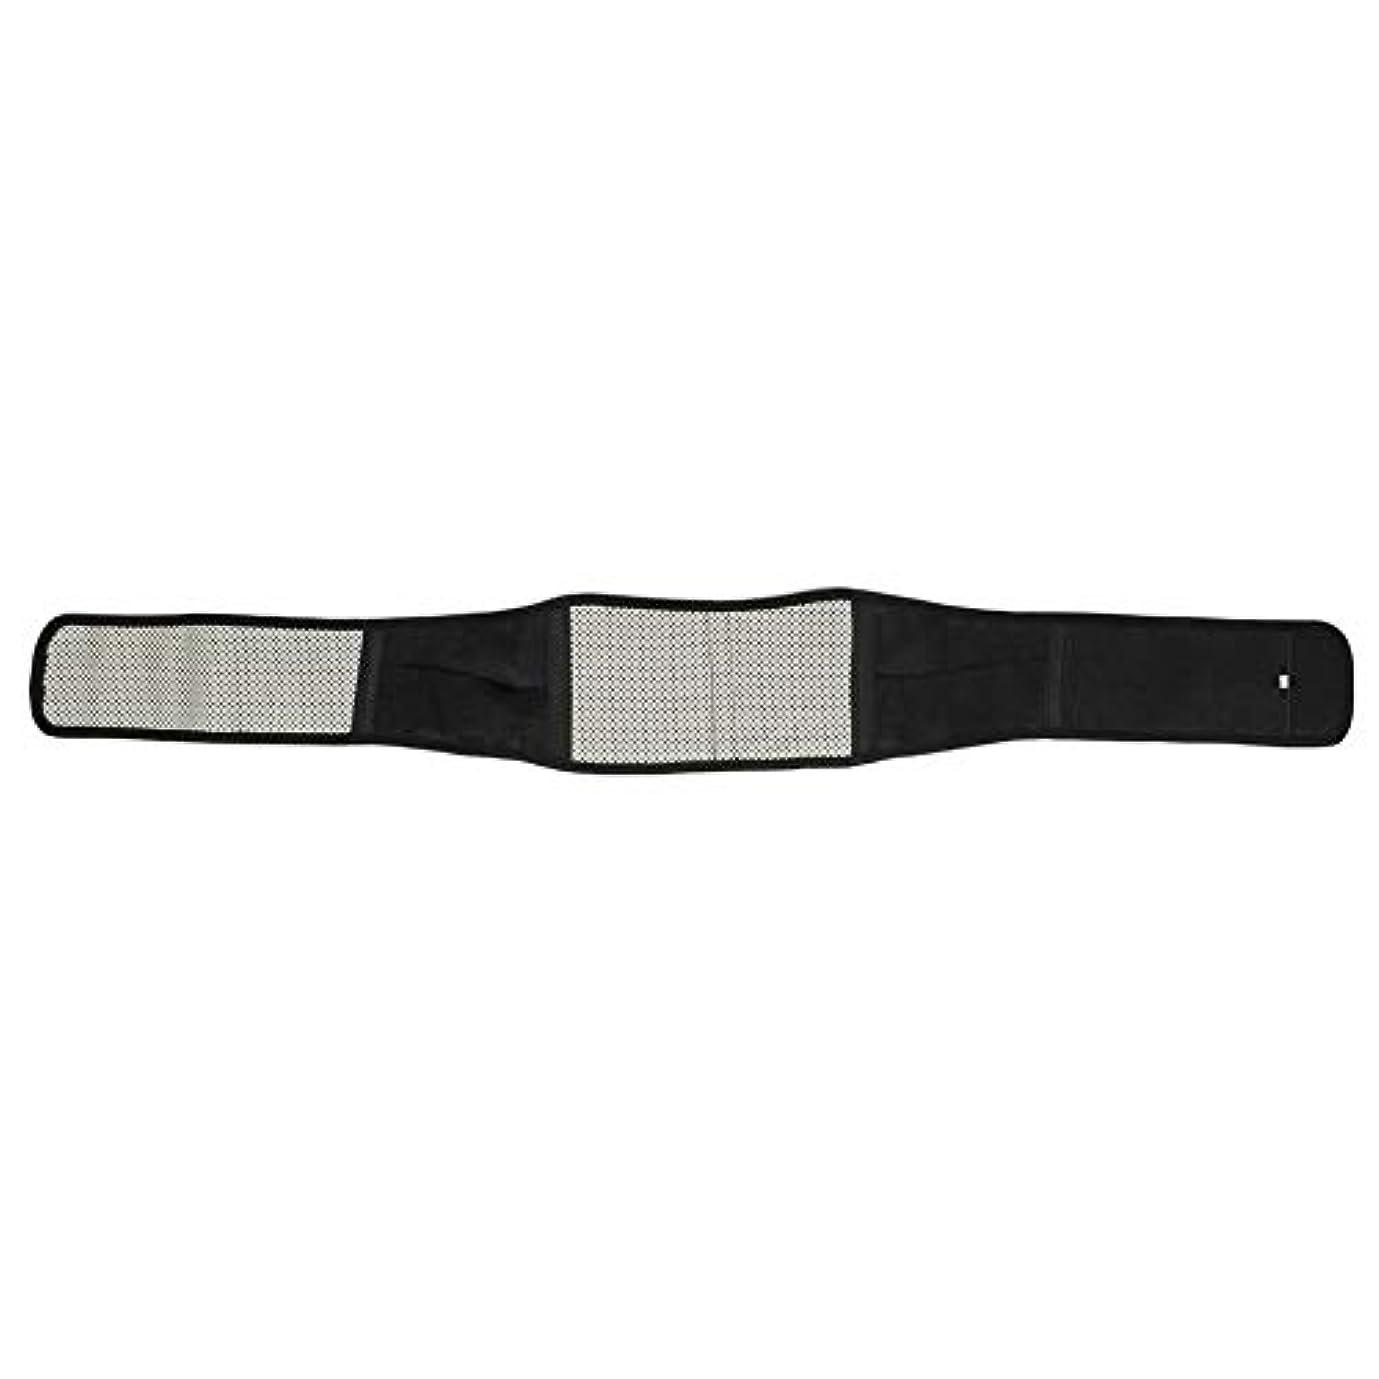 芸術ナンセンス波腰椎サポートペインマッサージャー赤外線磁気バックブレース自己発熱療法ウエストベルト調節可能な姿勢ベルト